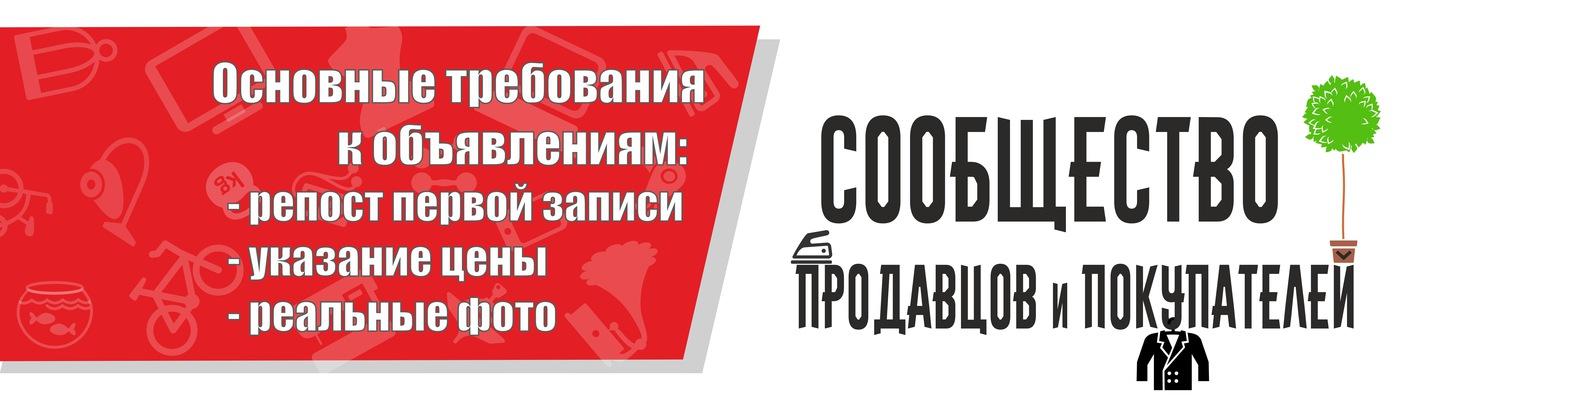 Работа в ульяновске свежие вакансии на утесе газета 25 канал подать объявление